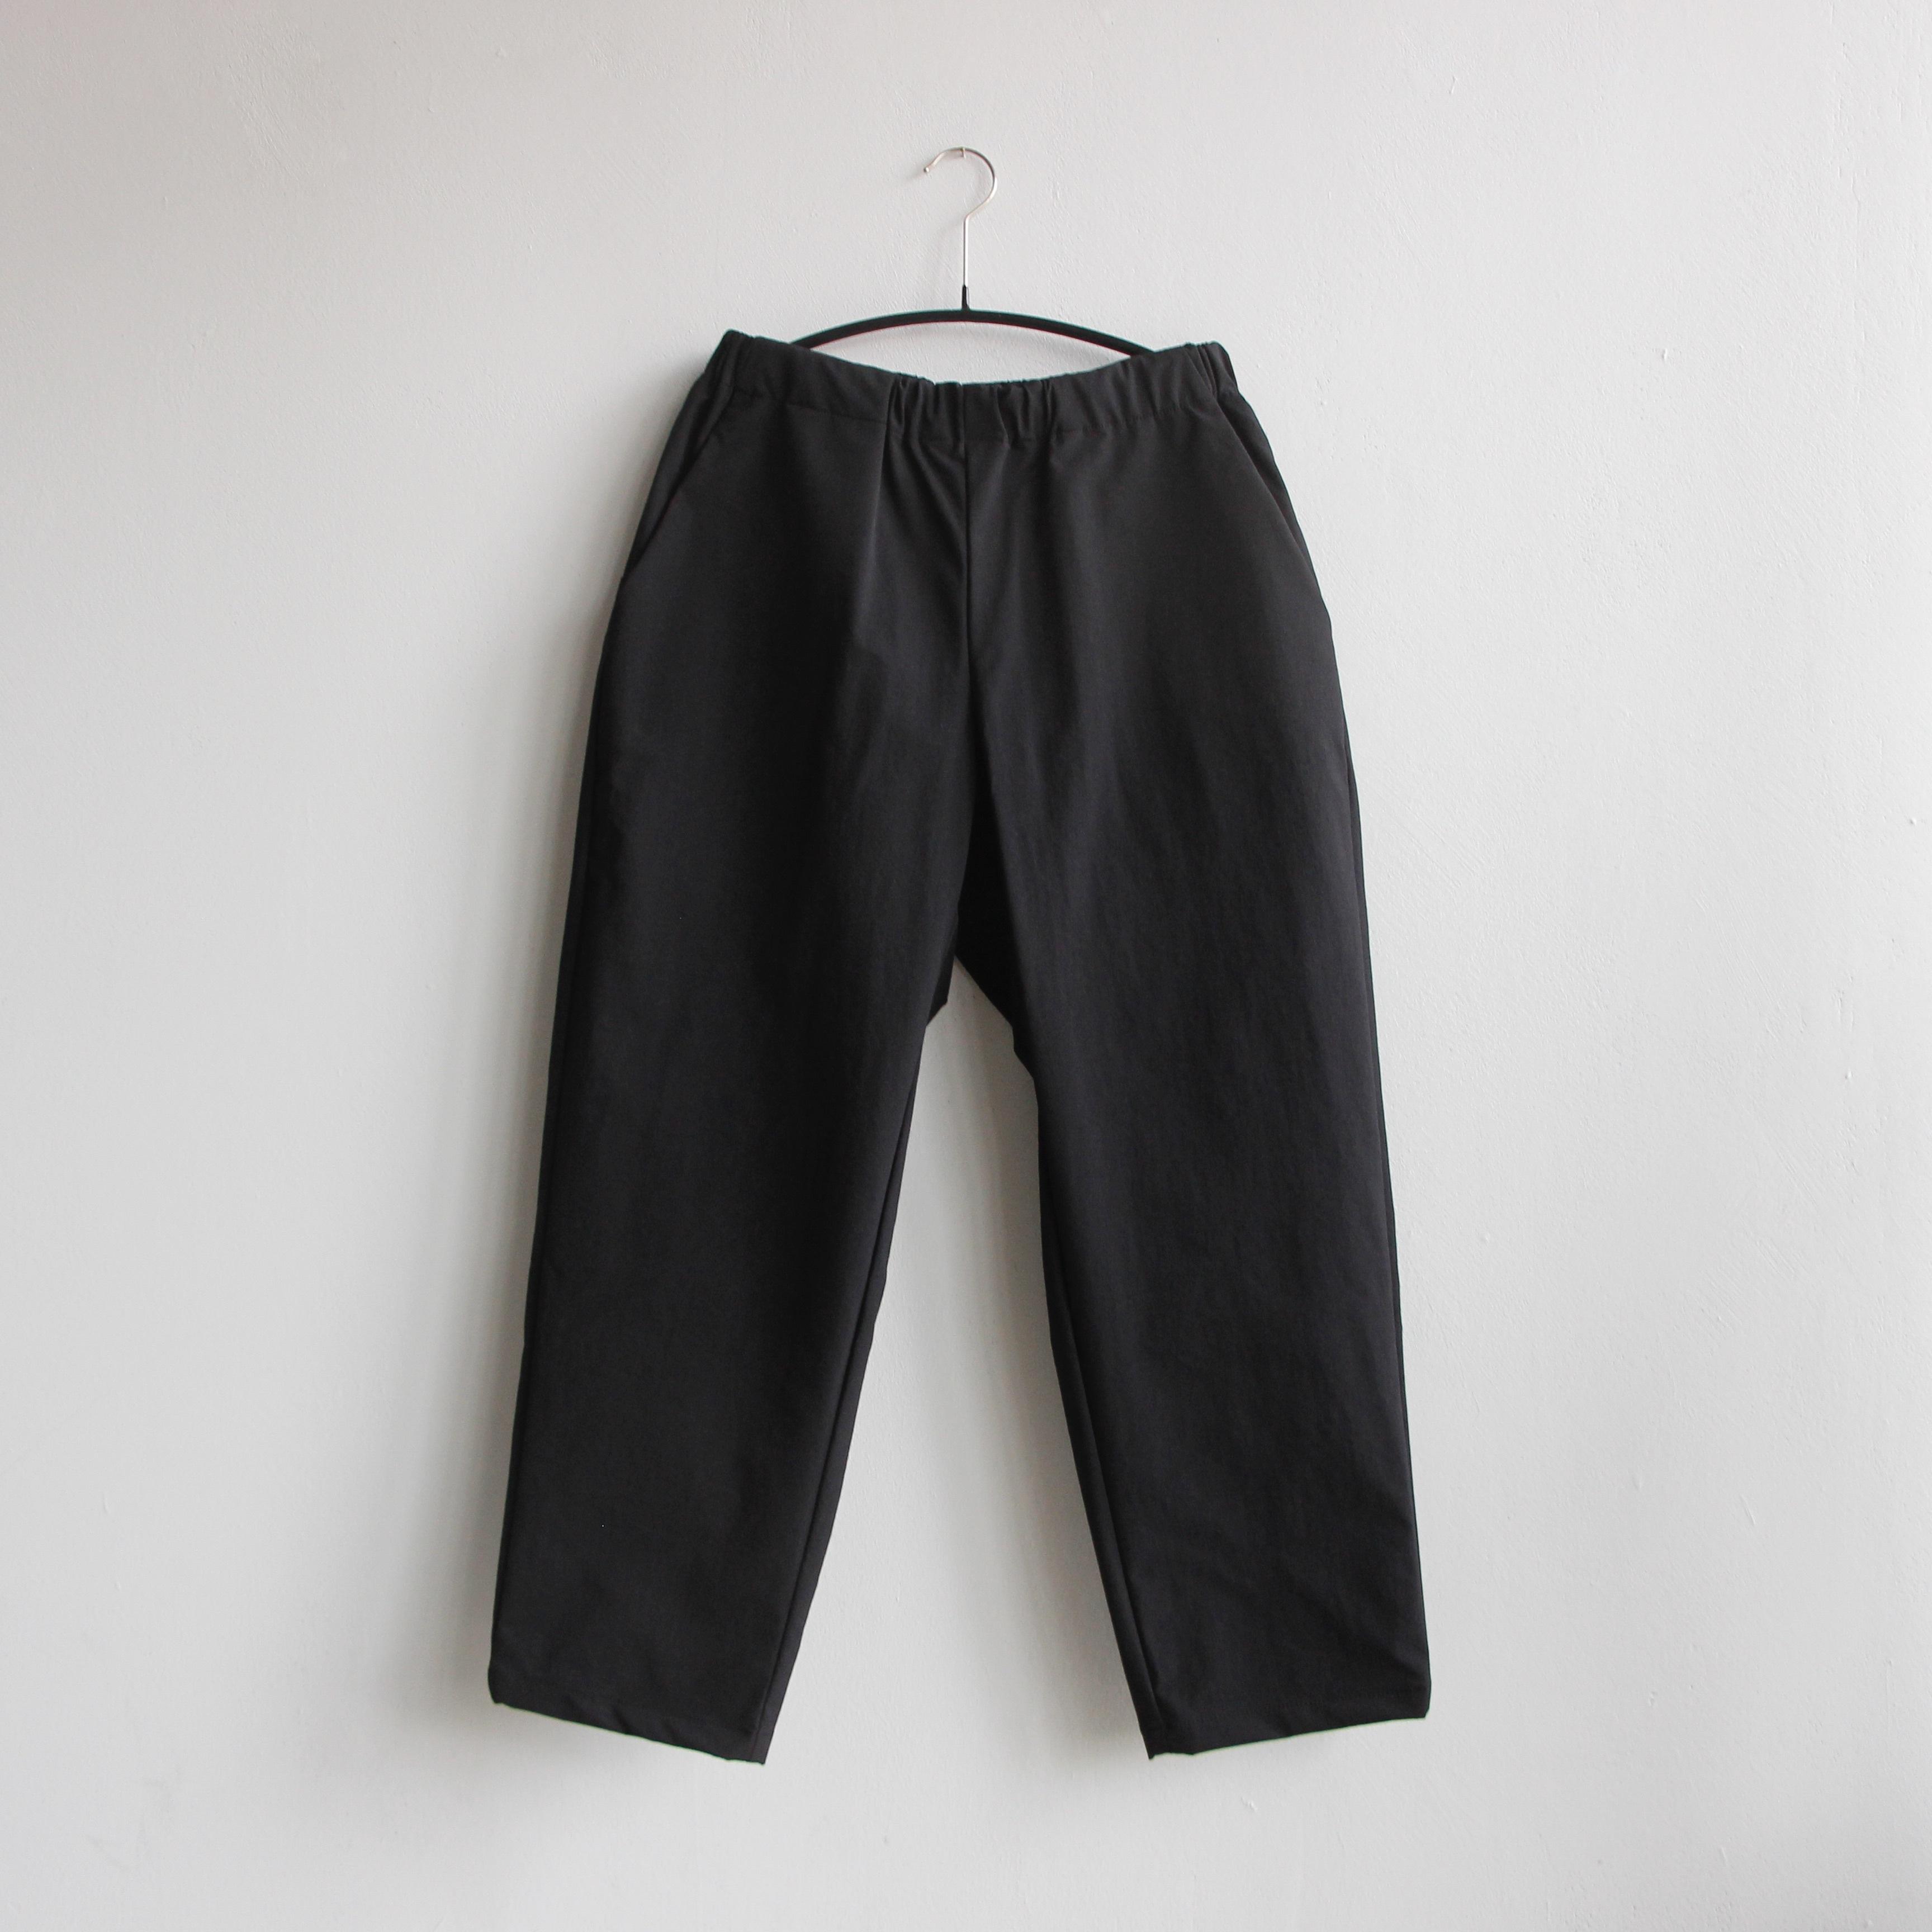 《MOUNTEN. 2021SS》double cloth stretch pants / black / size0(145-155cm程度)